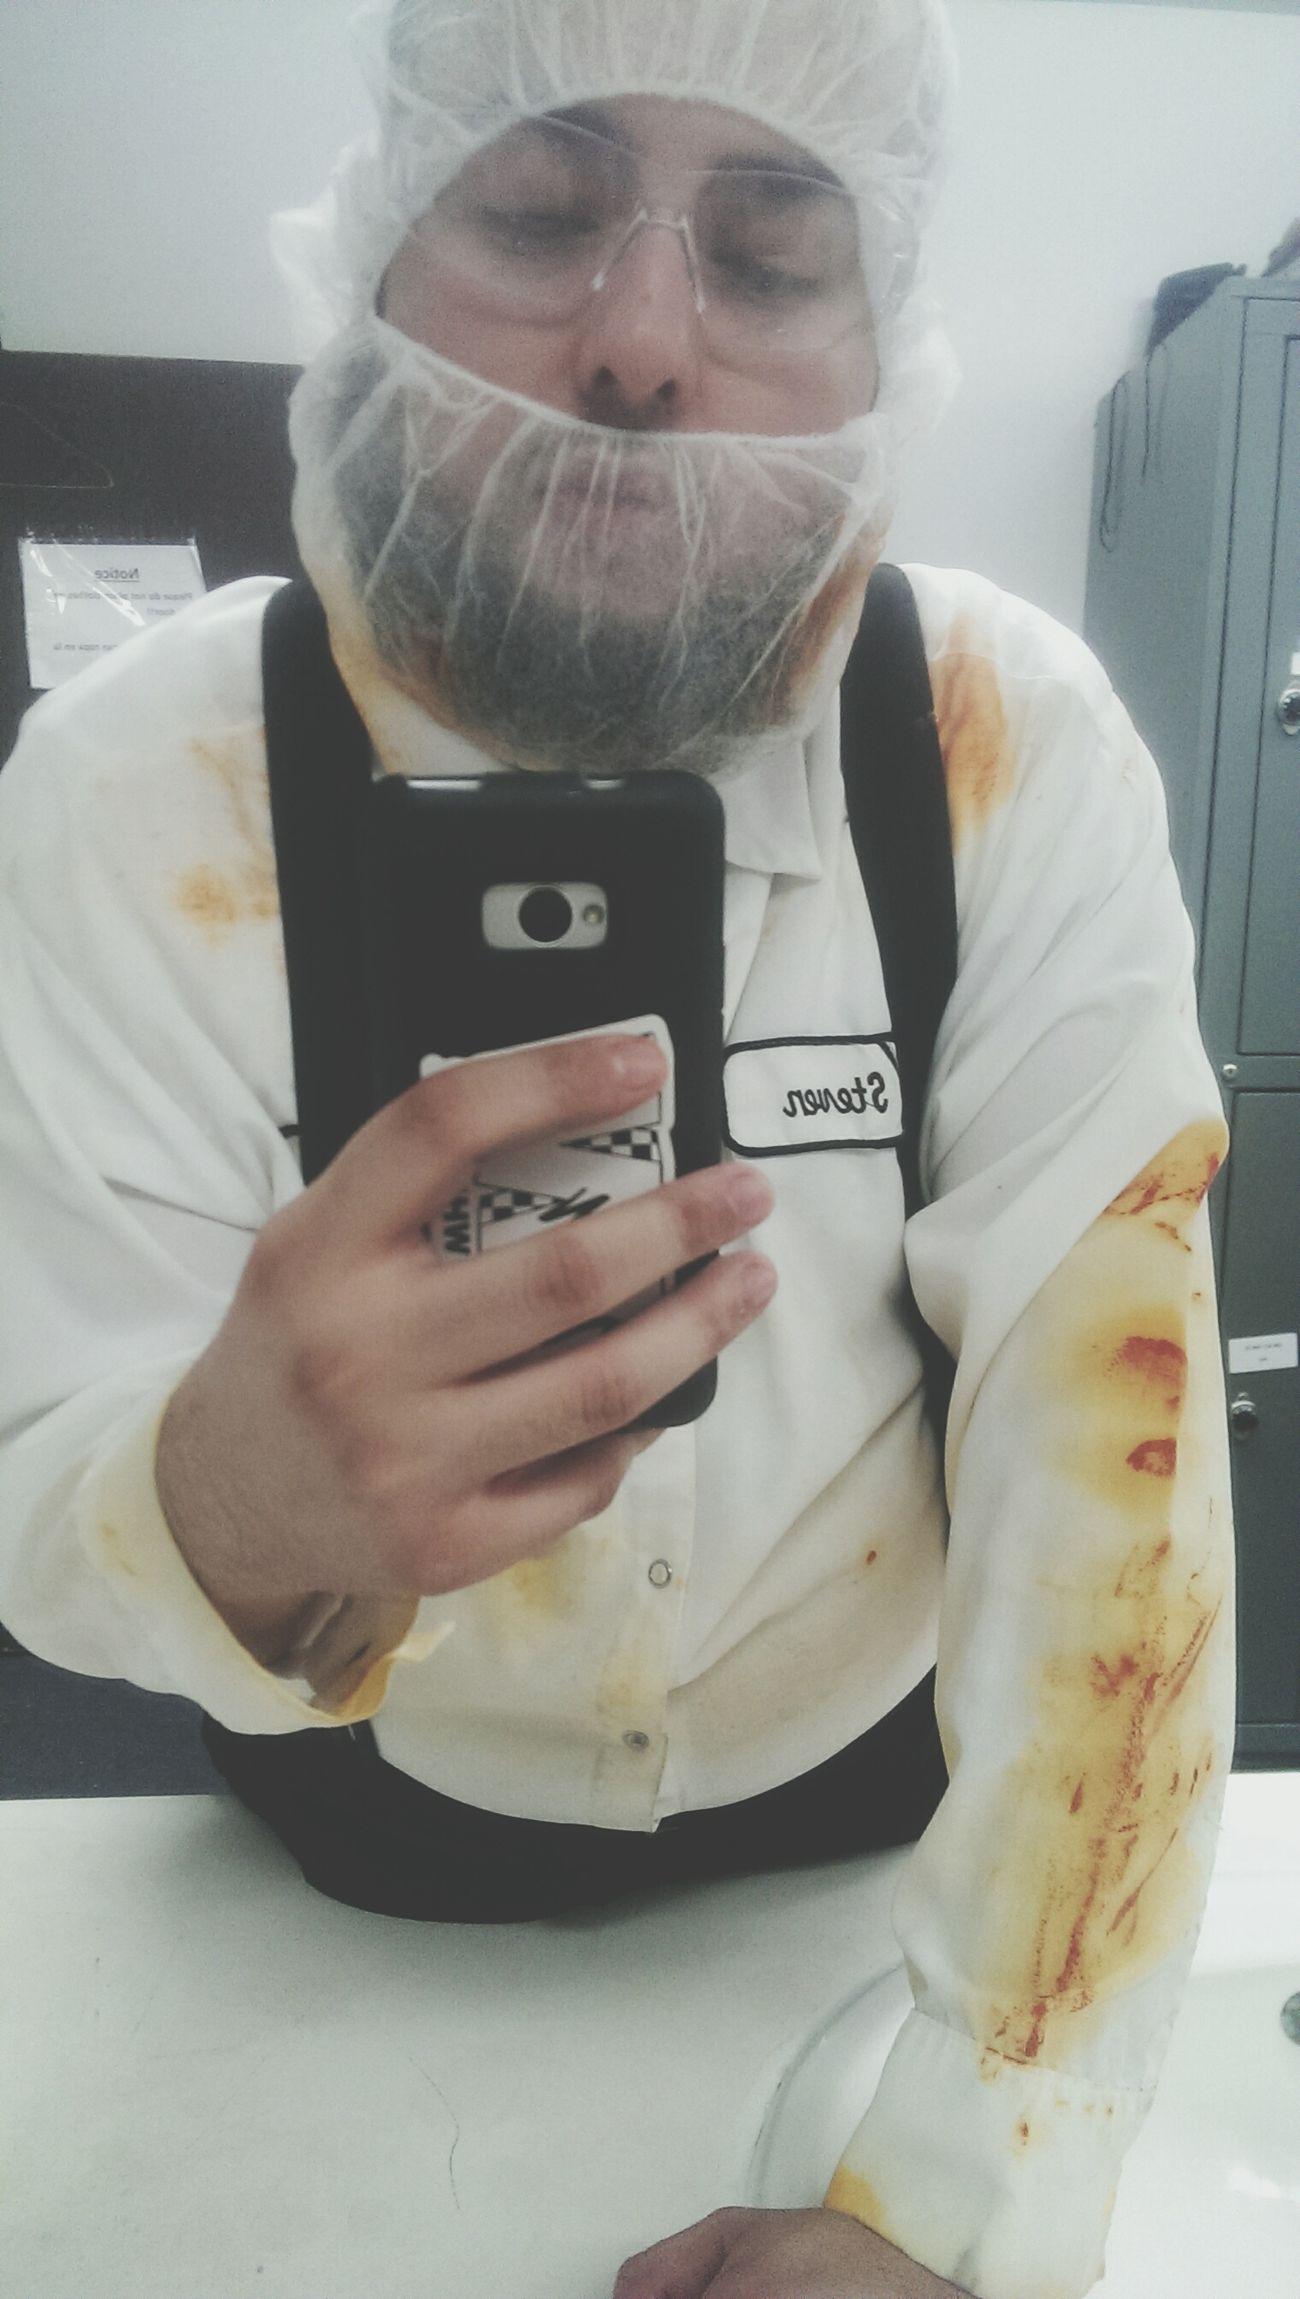 Work Workselfie Selfie Dirty Gay